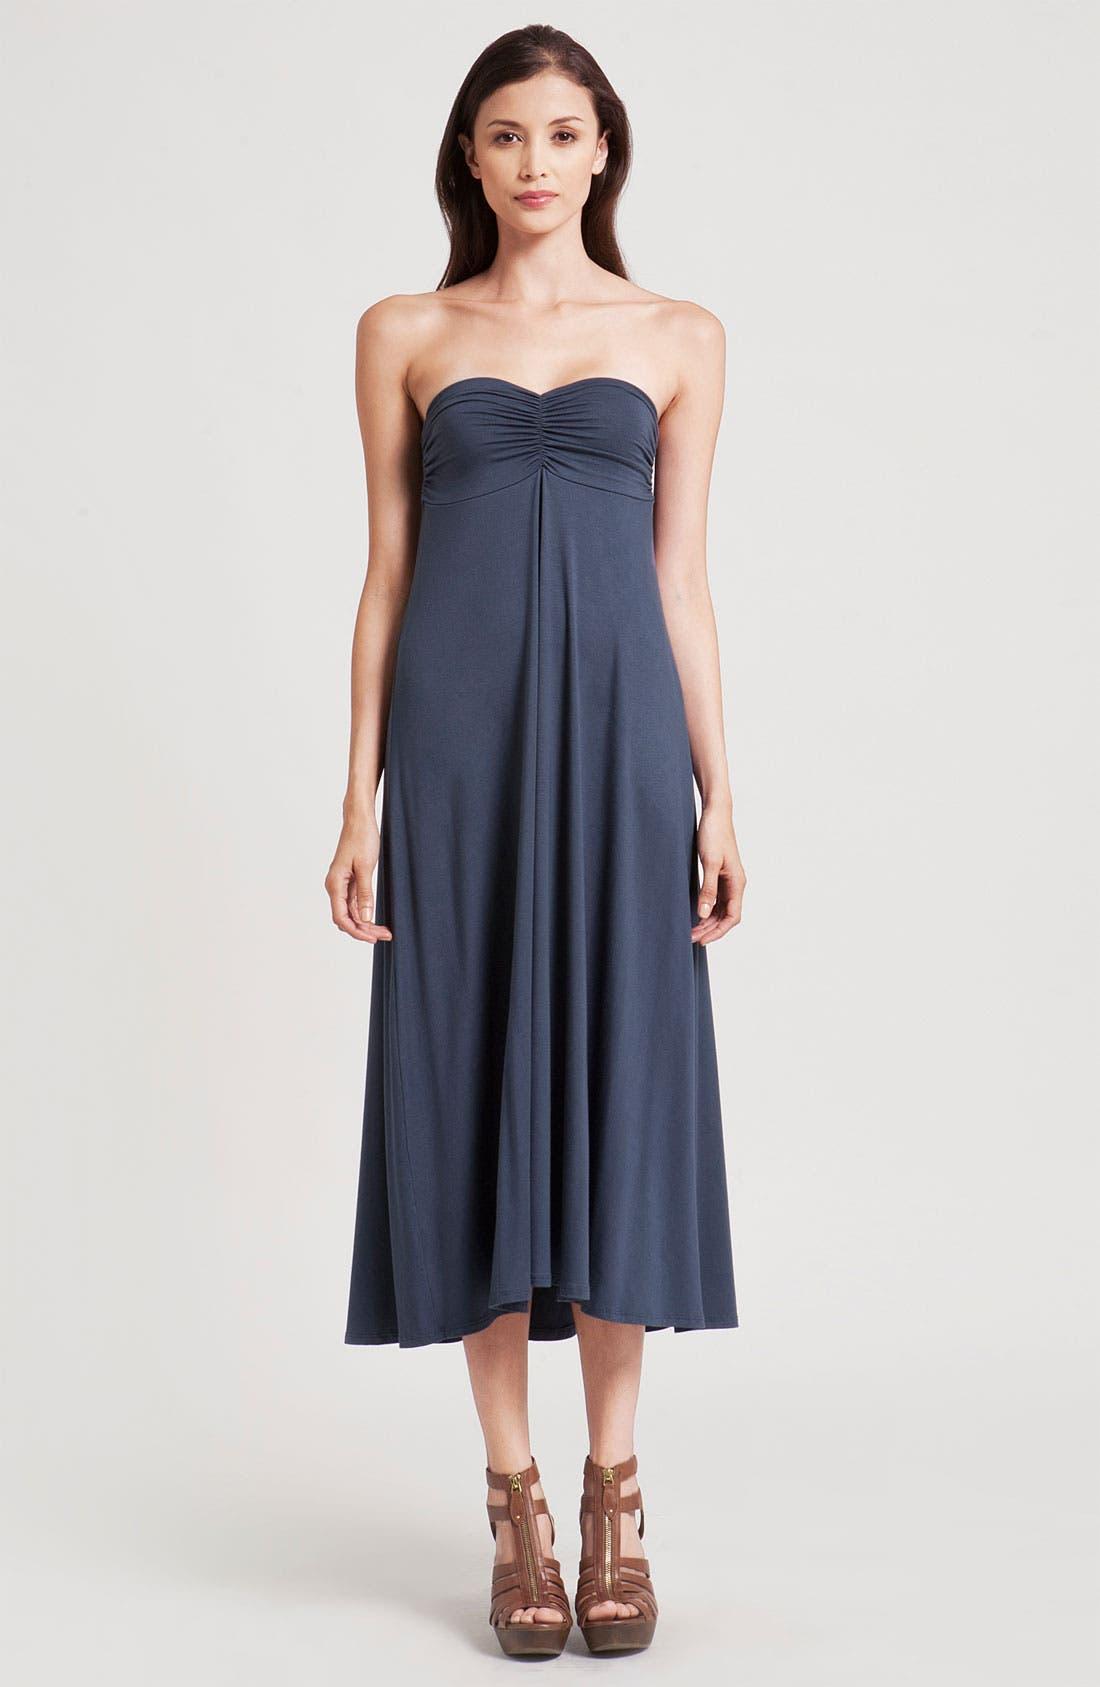 Main Image - Three Dots Convertible Maxi Dress